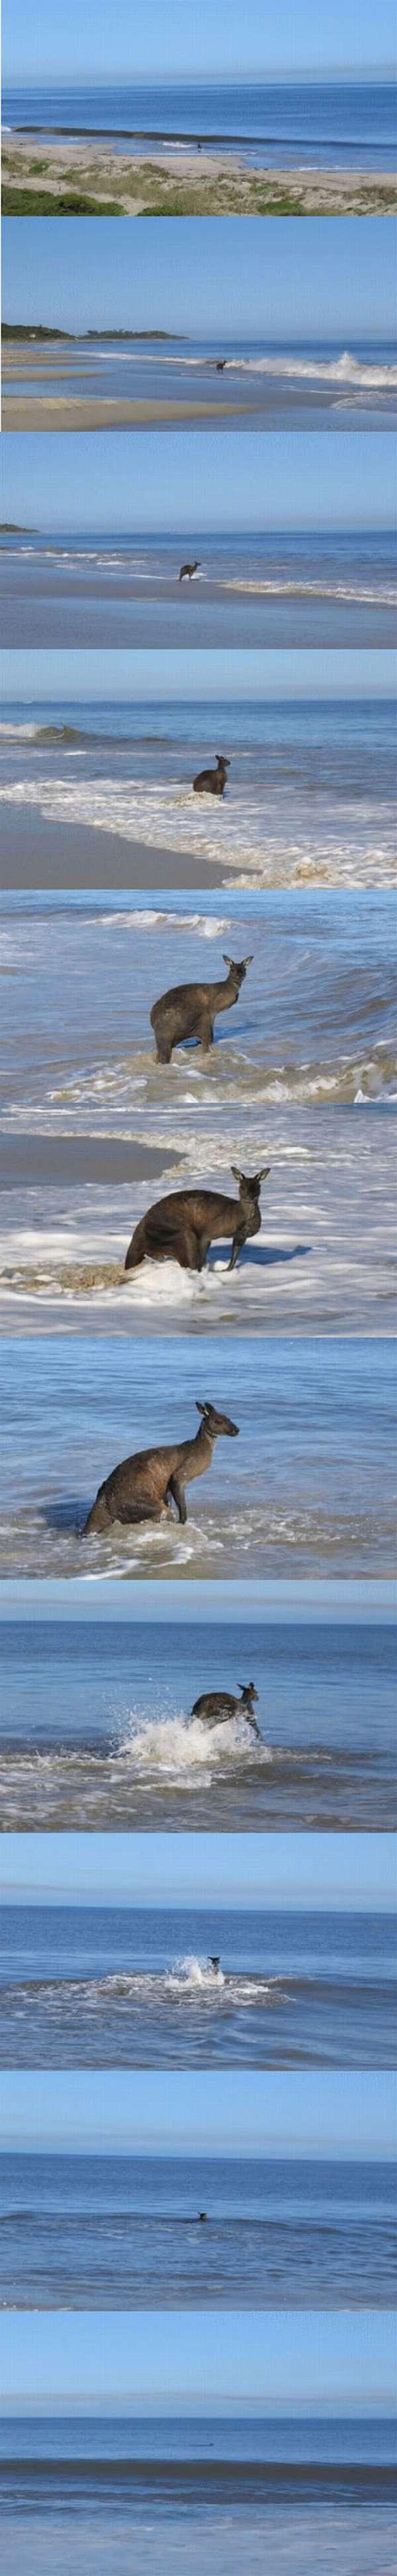 Una secuencia de imágenes en las cuales se ve como un Canguro nada